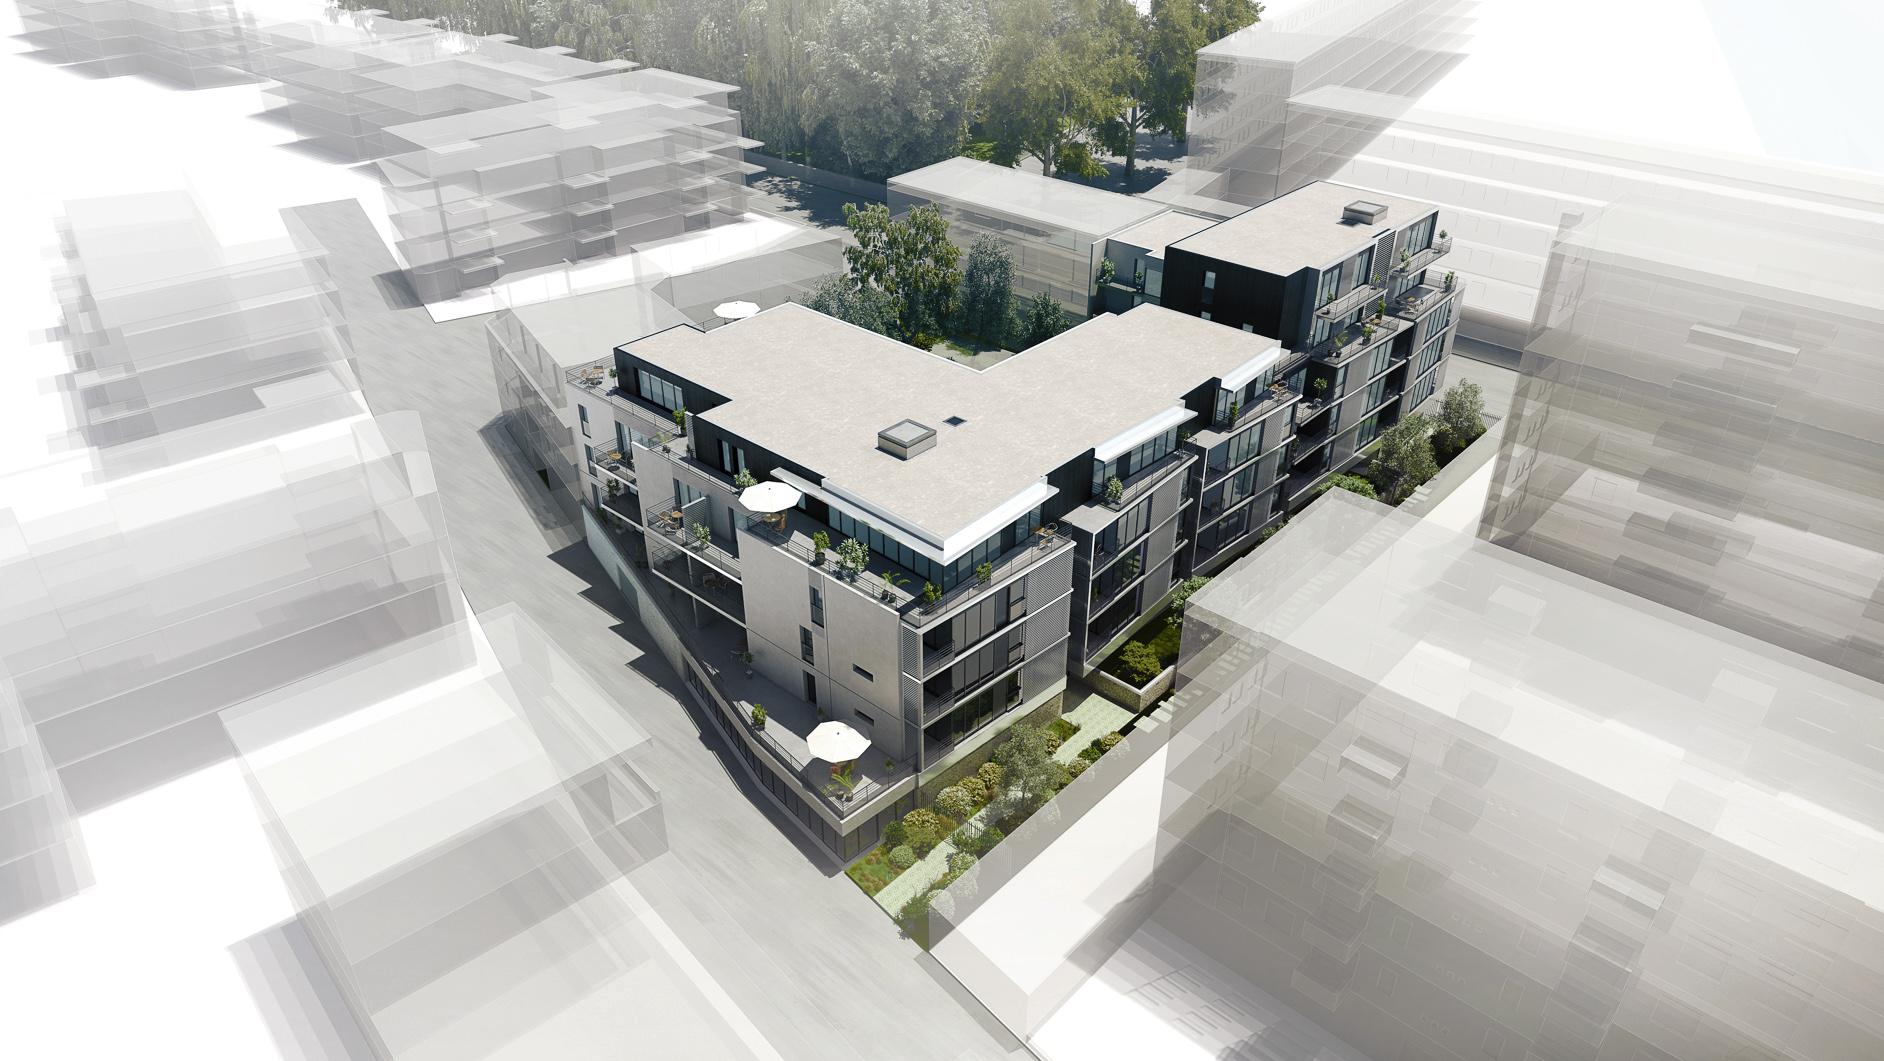 Dripmoon-archvis-graphiste3D-architecture-images-3D-LA-Riche (4)